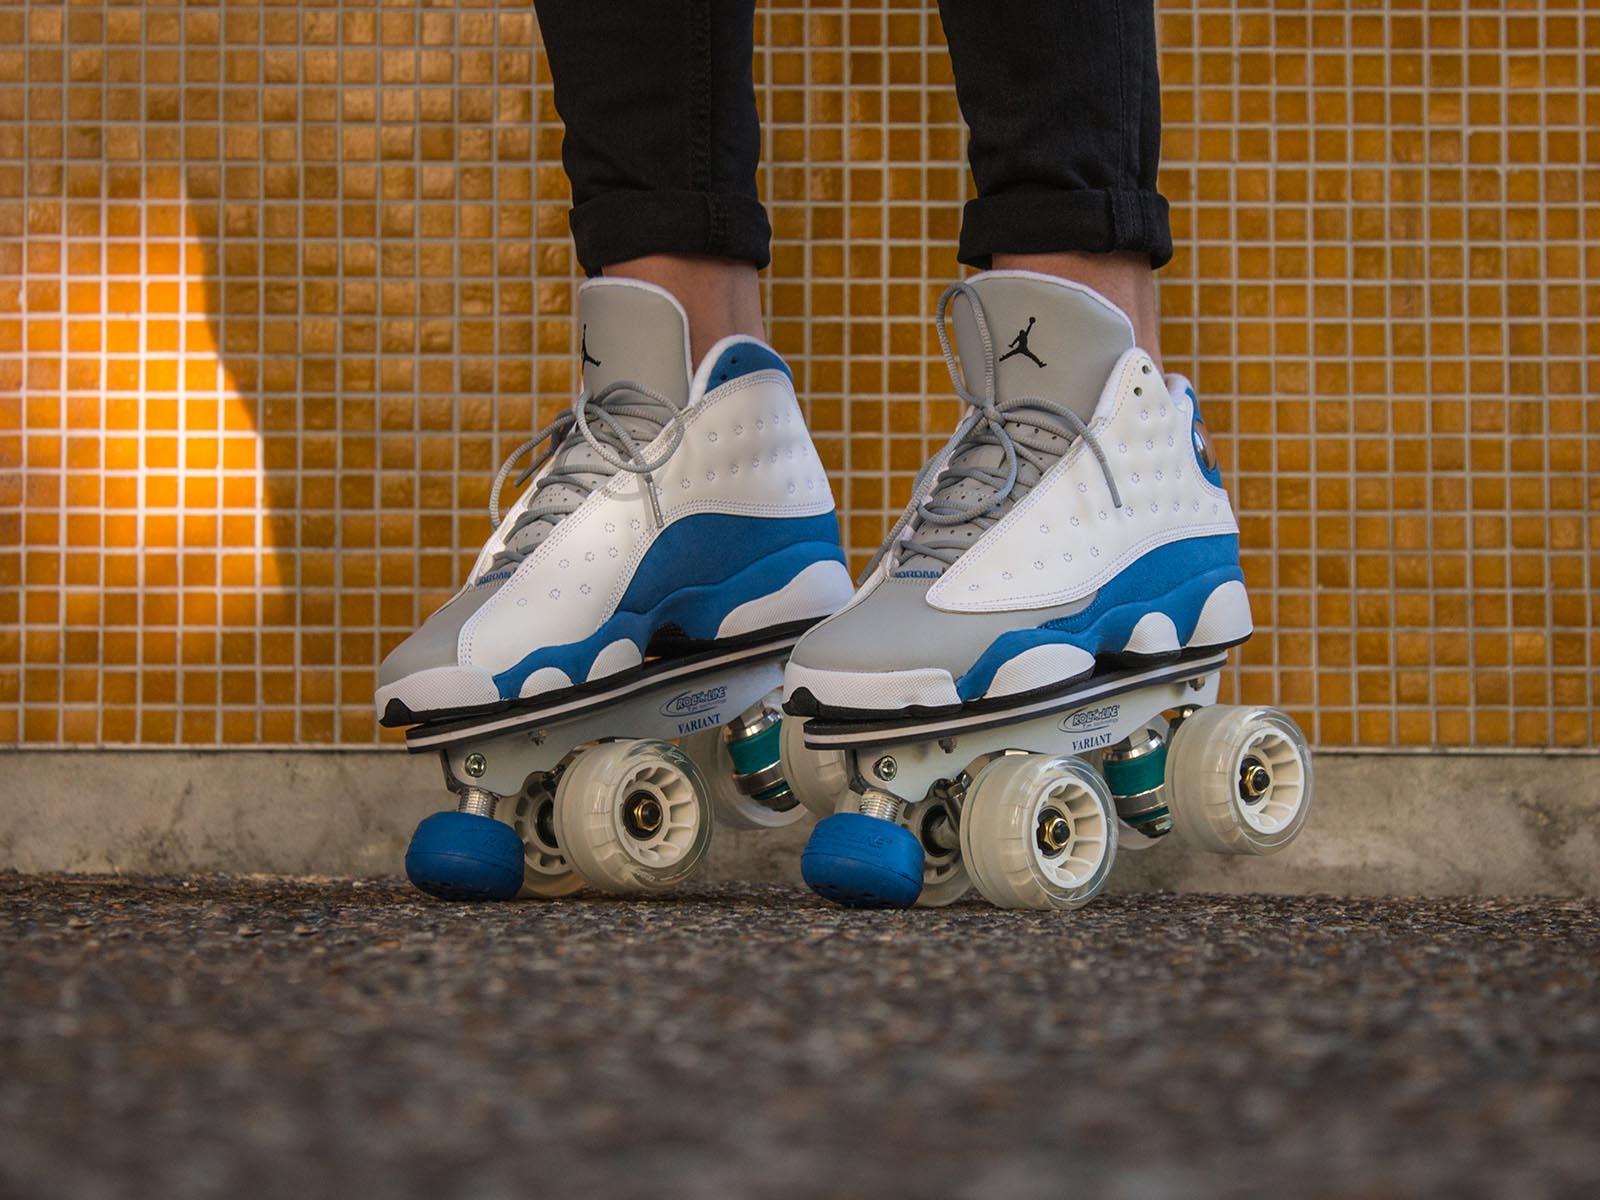 Pour Chaussures Paire Quelle Du Blog Roller Pratique De xqI4fn7t